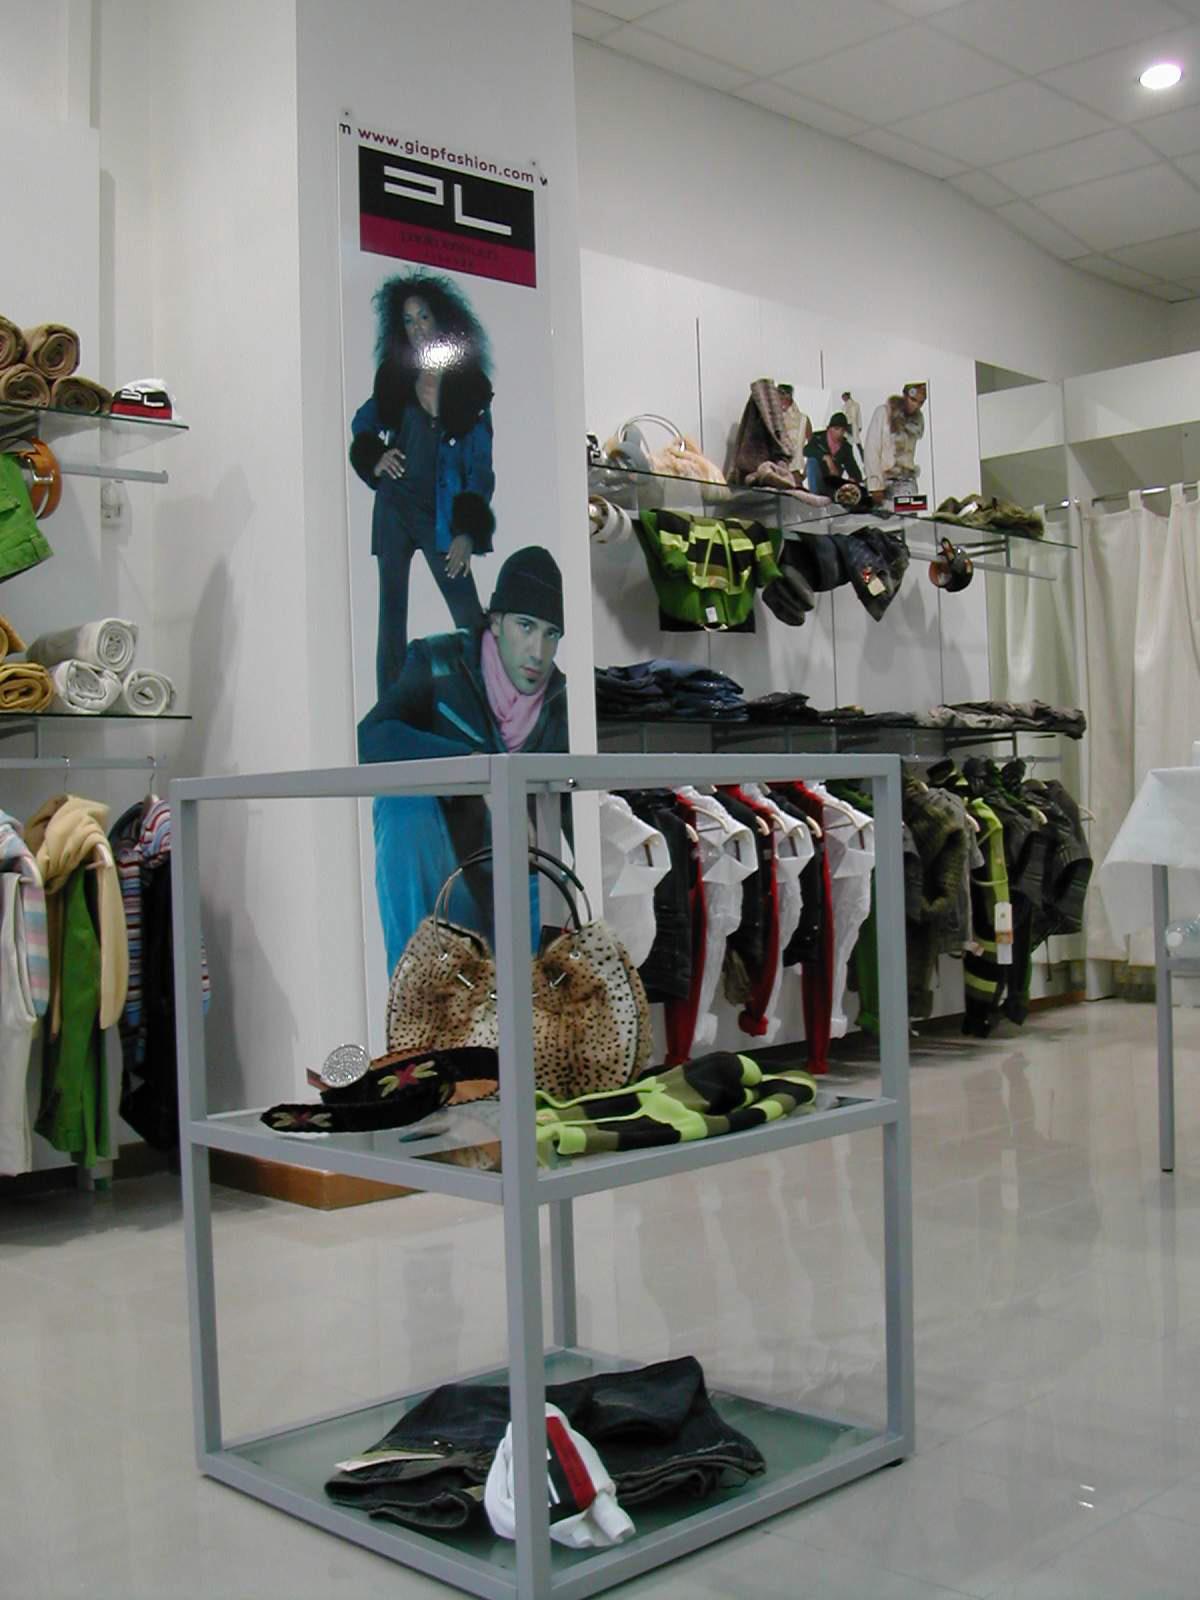 Arredamento negozi abbigliamento toscana tutte le for Arredamento per negozi abbigliamento